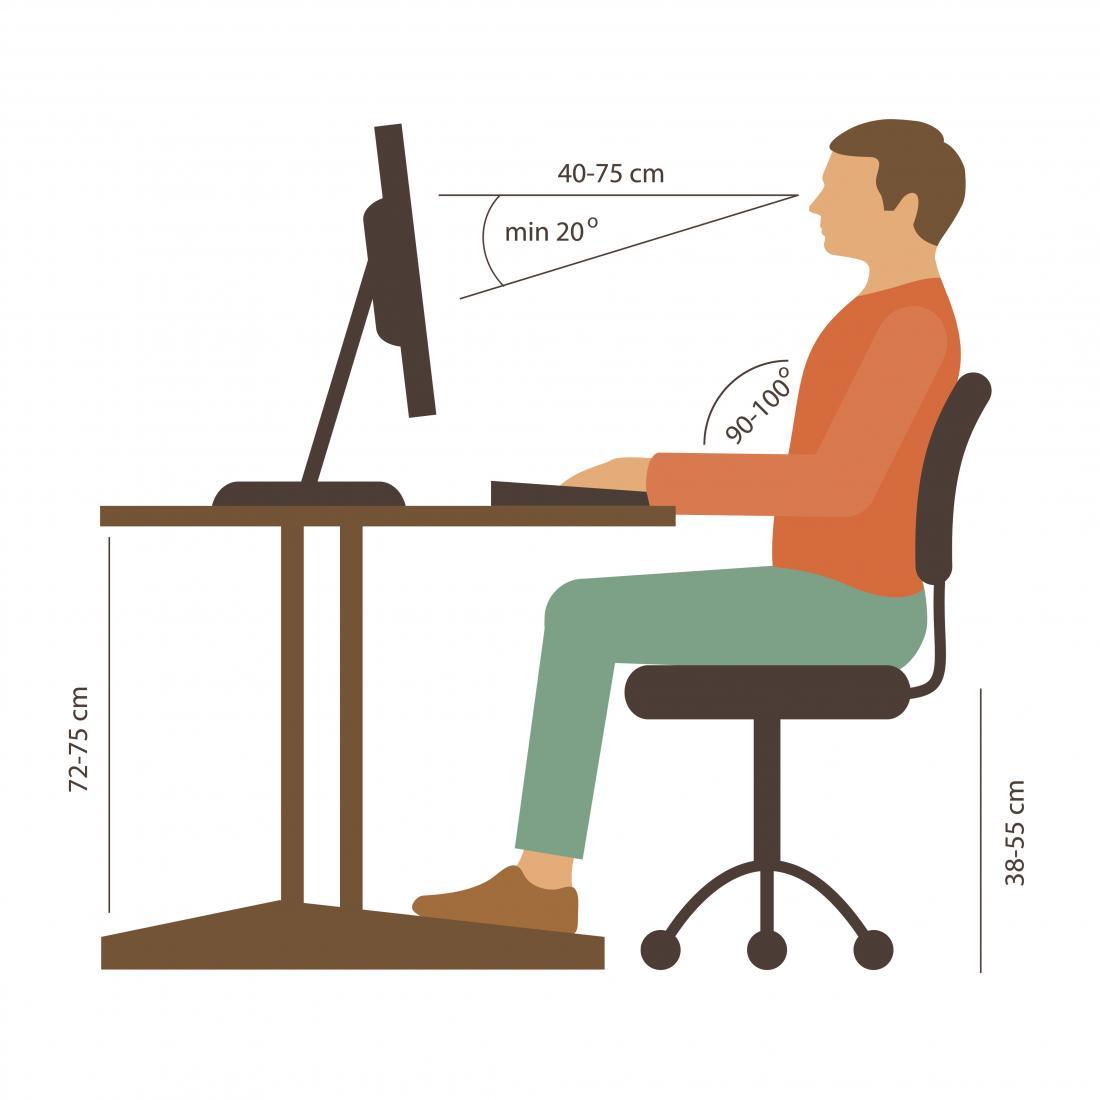 コンピュータの机の上に座っている姿勢図を修正する。